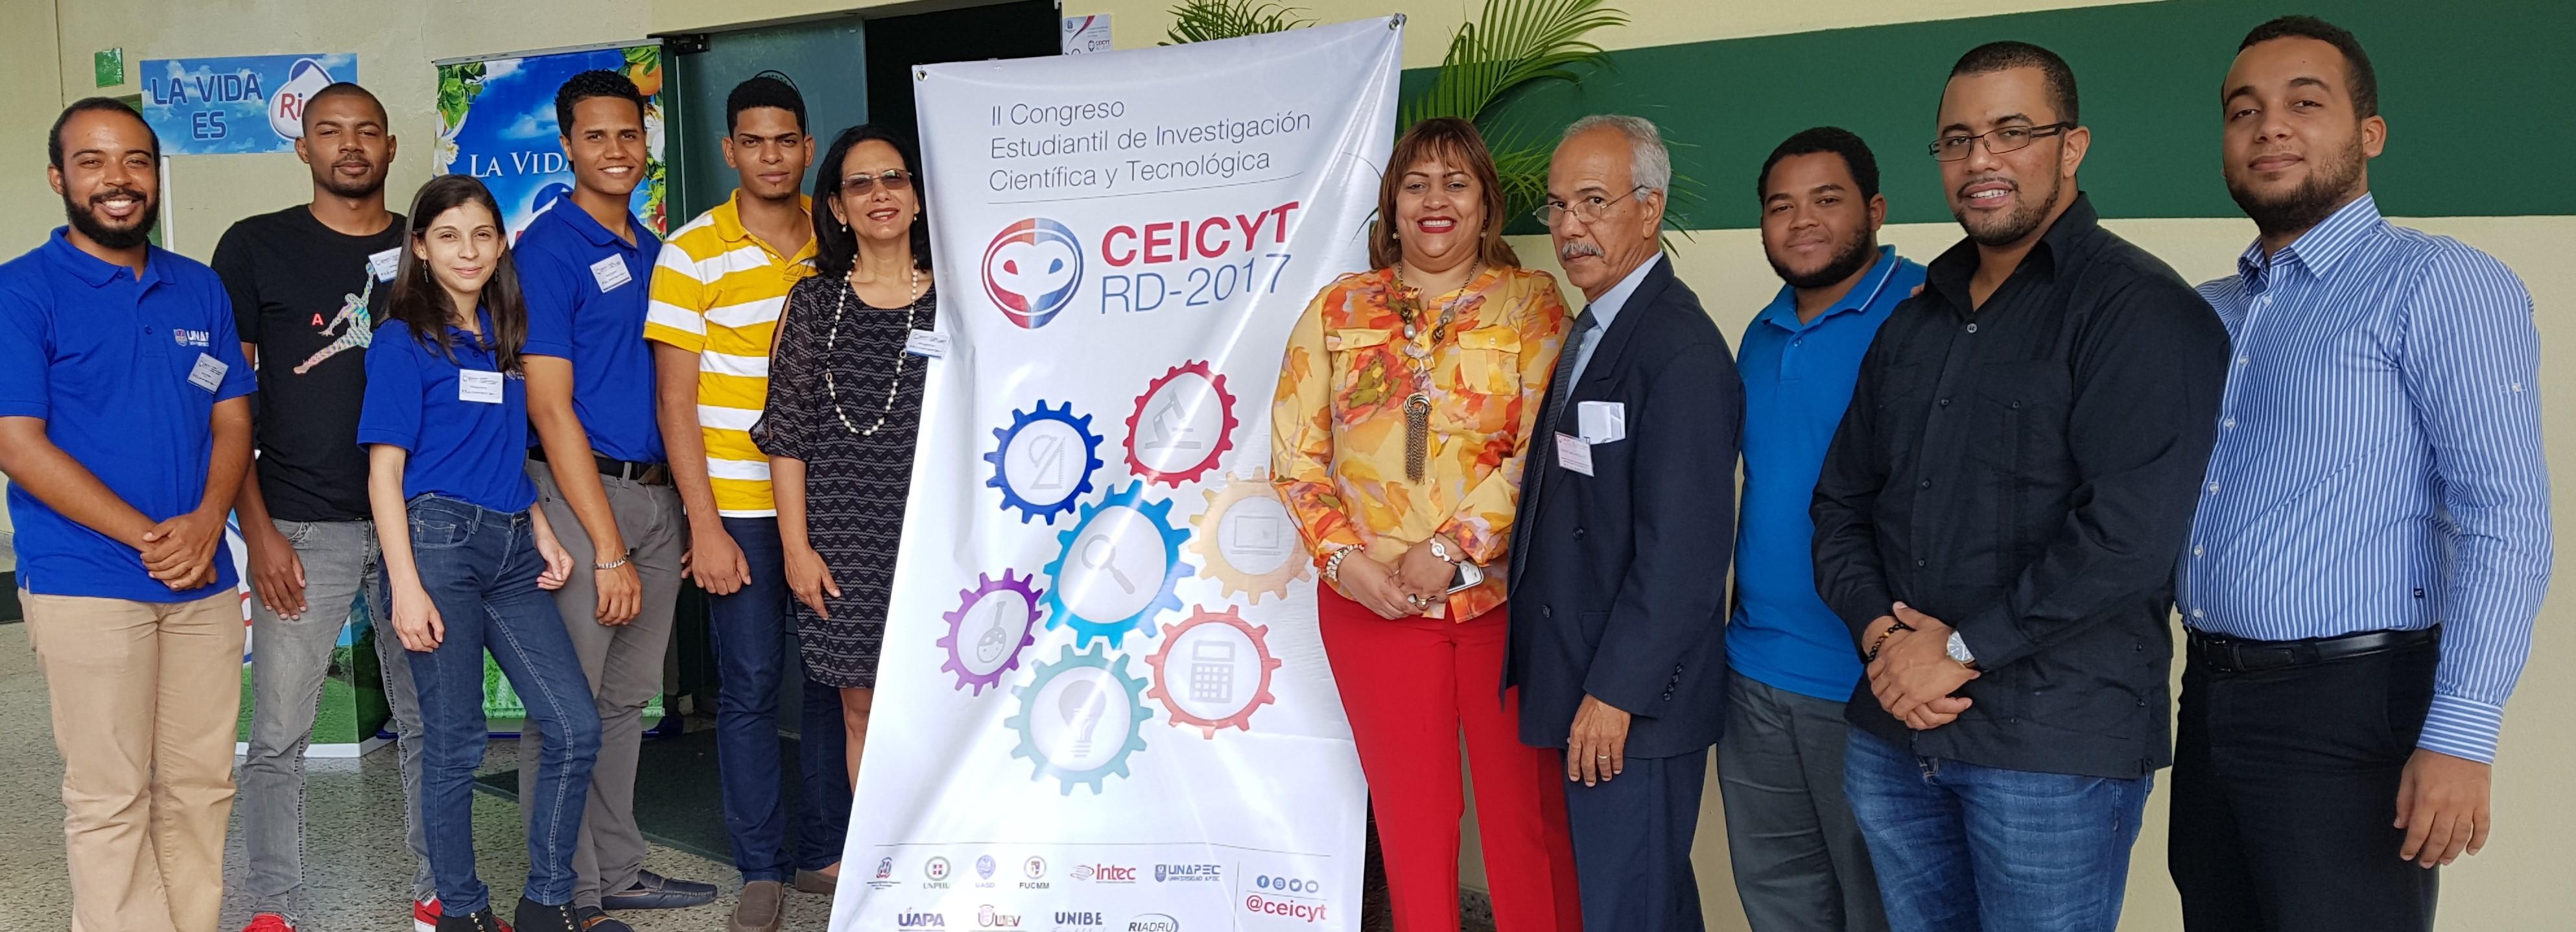 II Congreso Estudiantil de Investigación Científica y Tecnológica (CEICYT 2017)